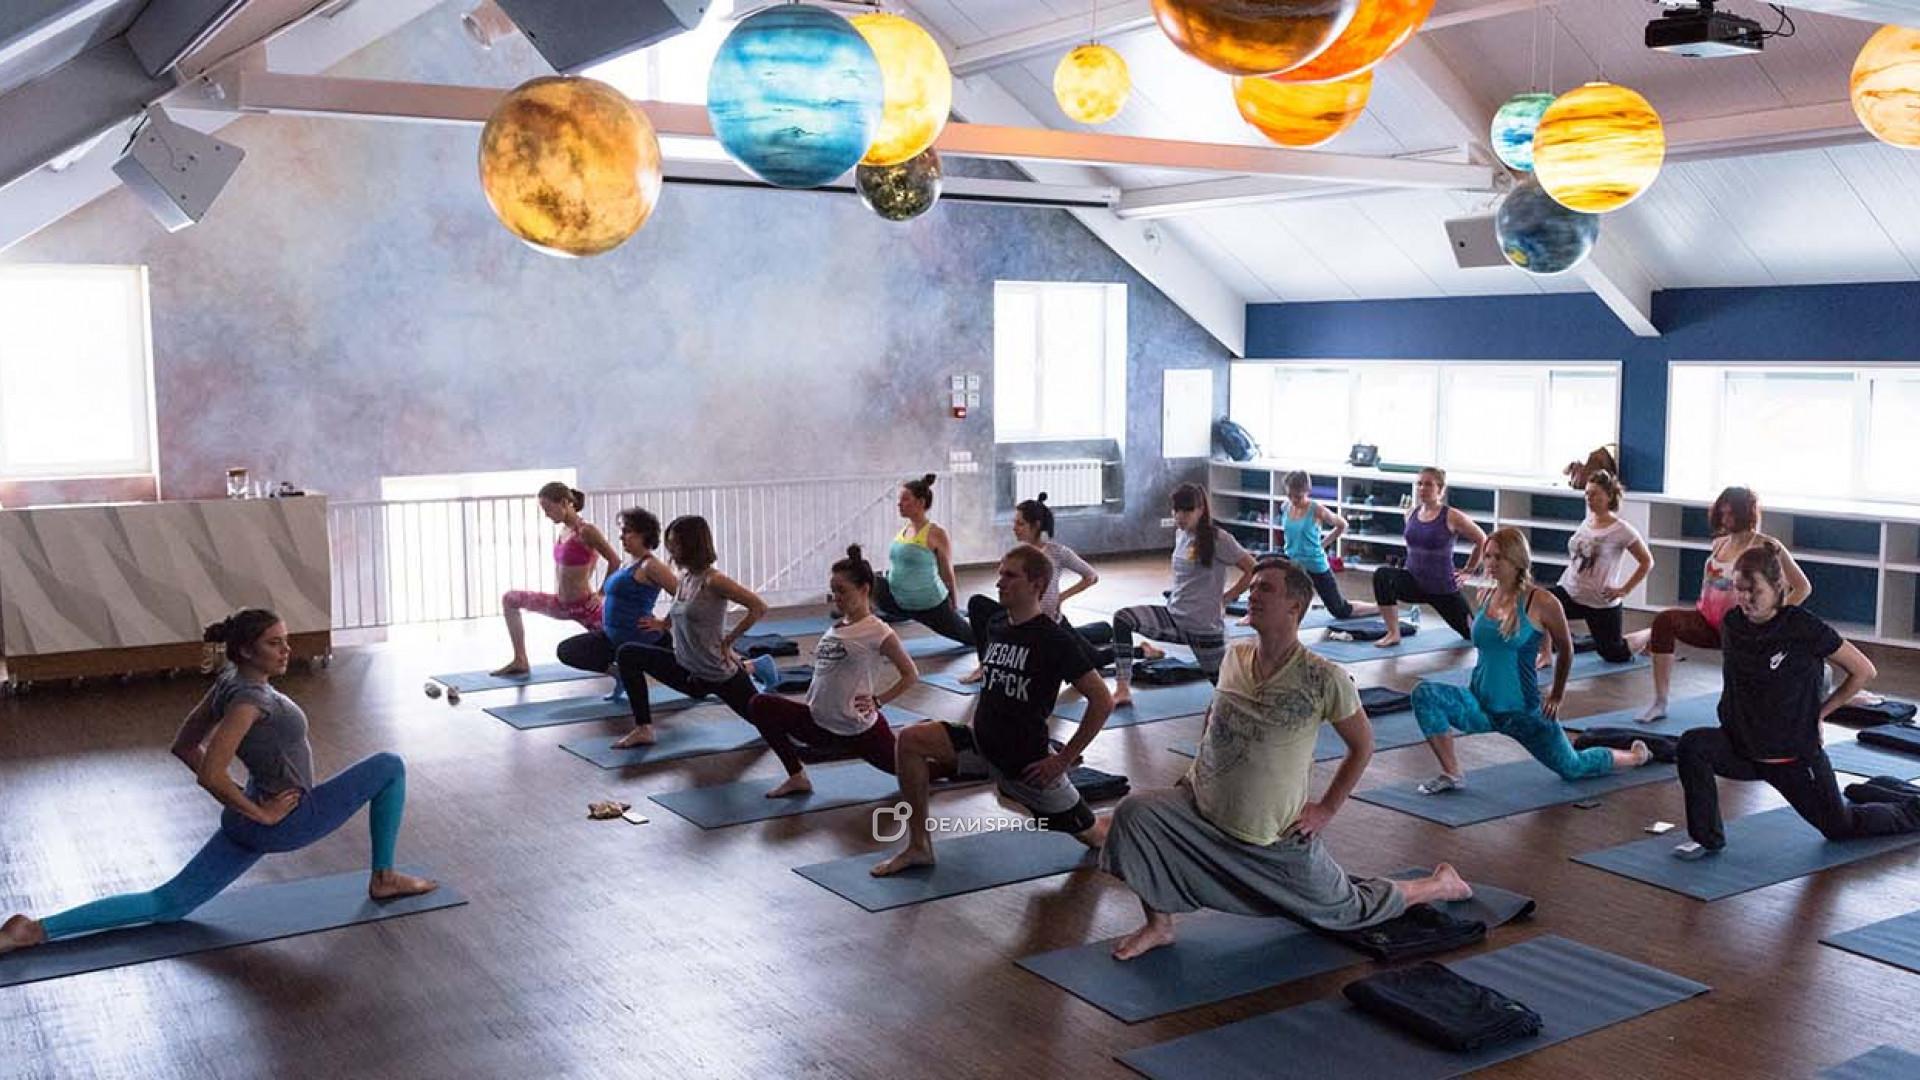 Просторный зал для йоги и танцев - фото №4